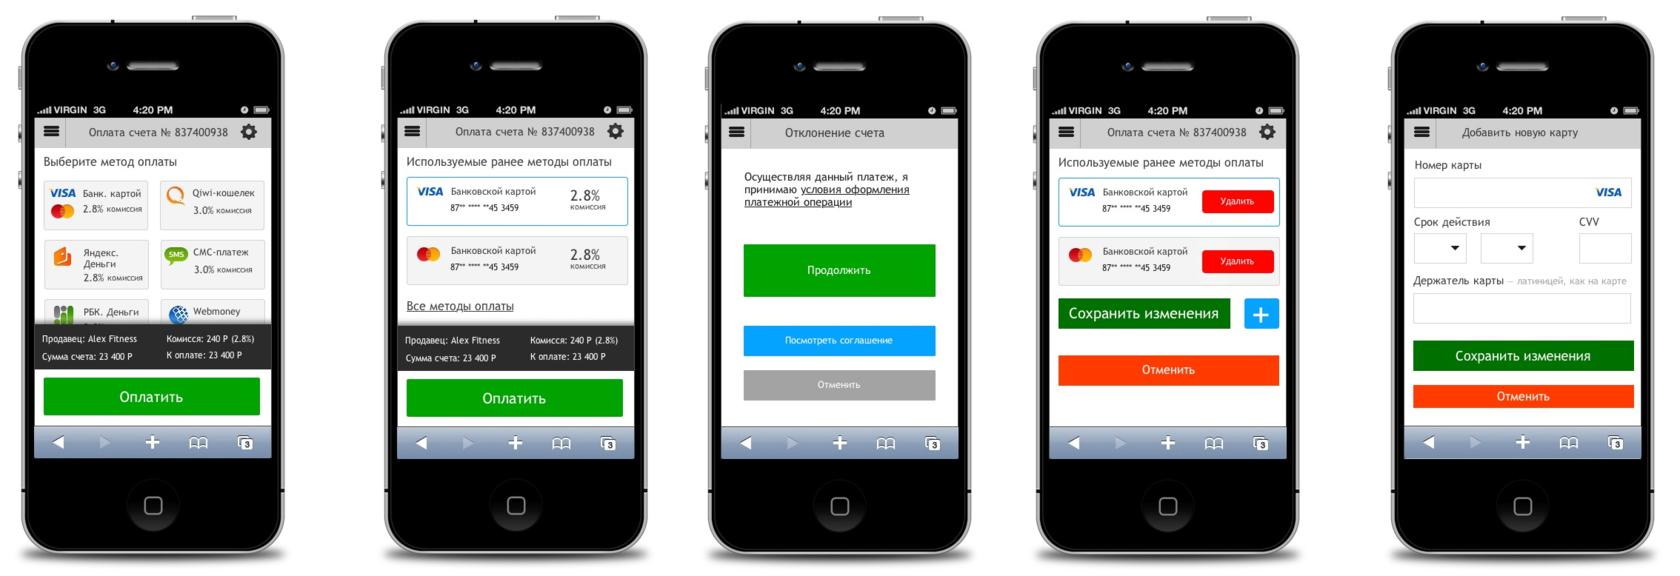 Мобильный интерфейс приложения | SobakaPav.ru